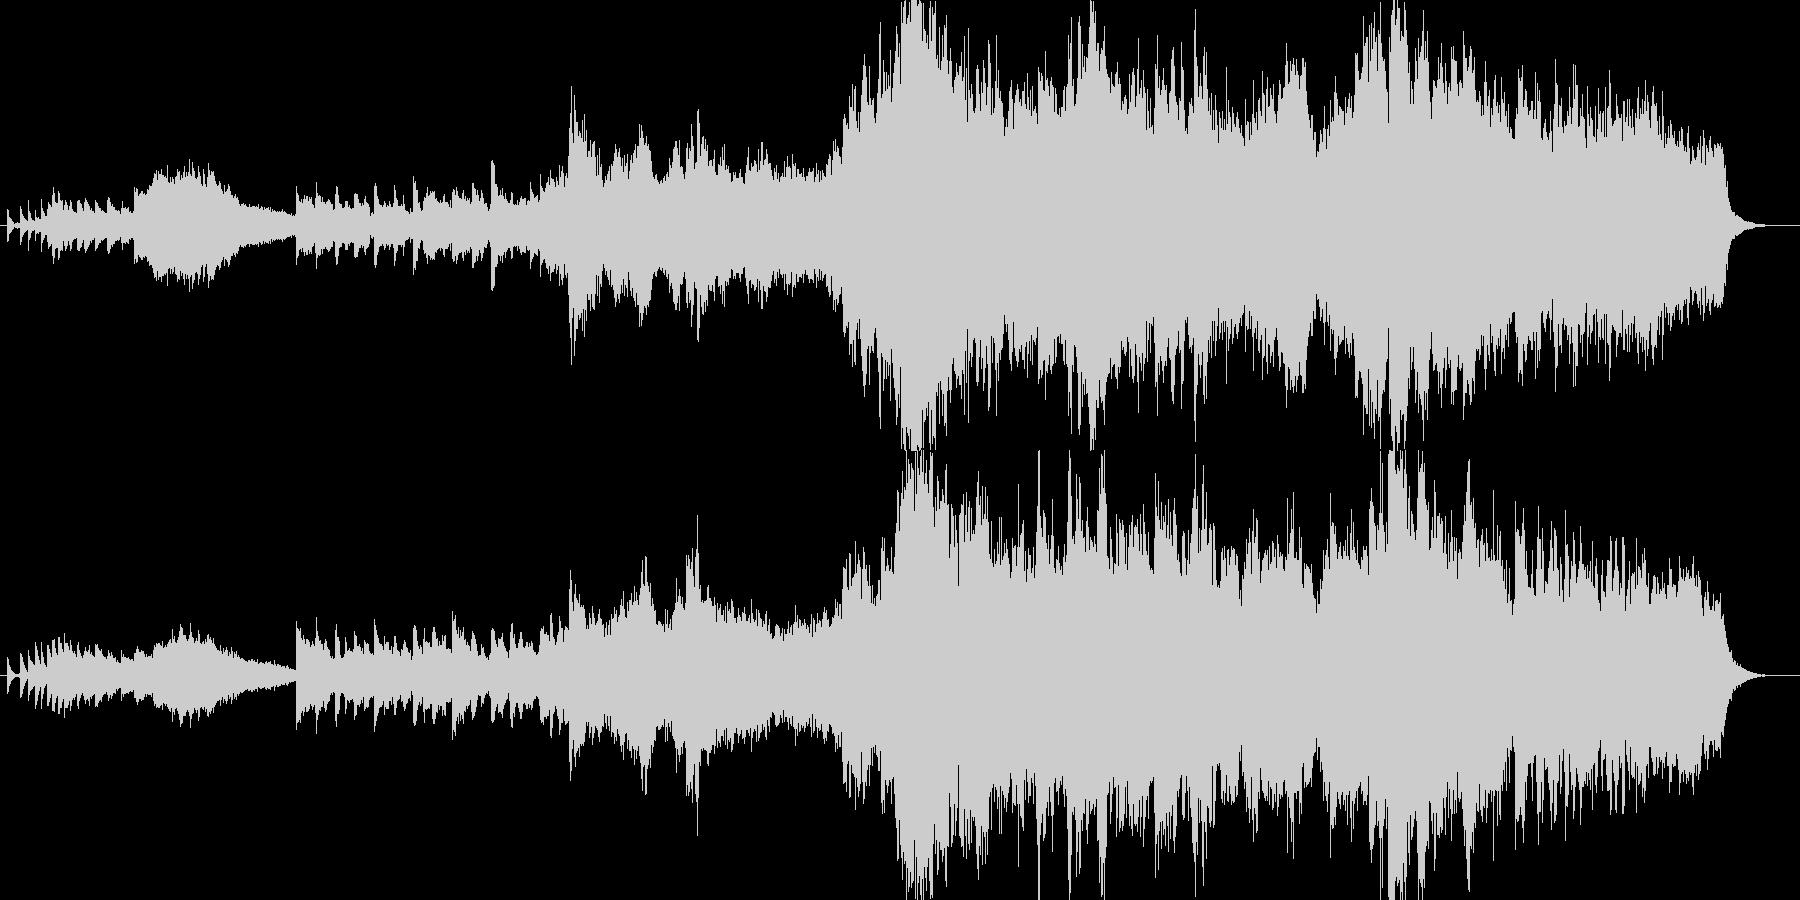 エレガントな雰囲気のオーケストラバラードの未再生の波形